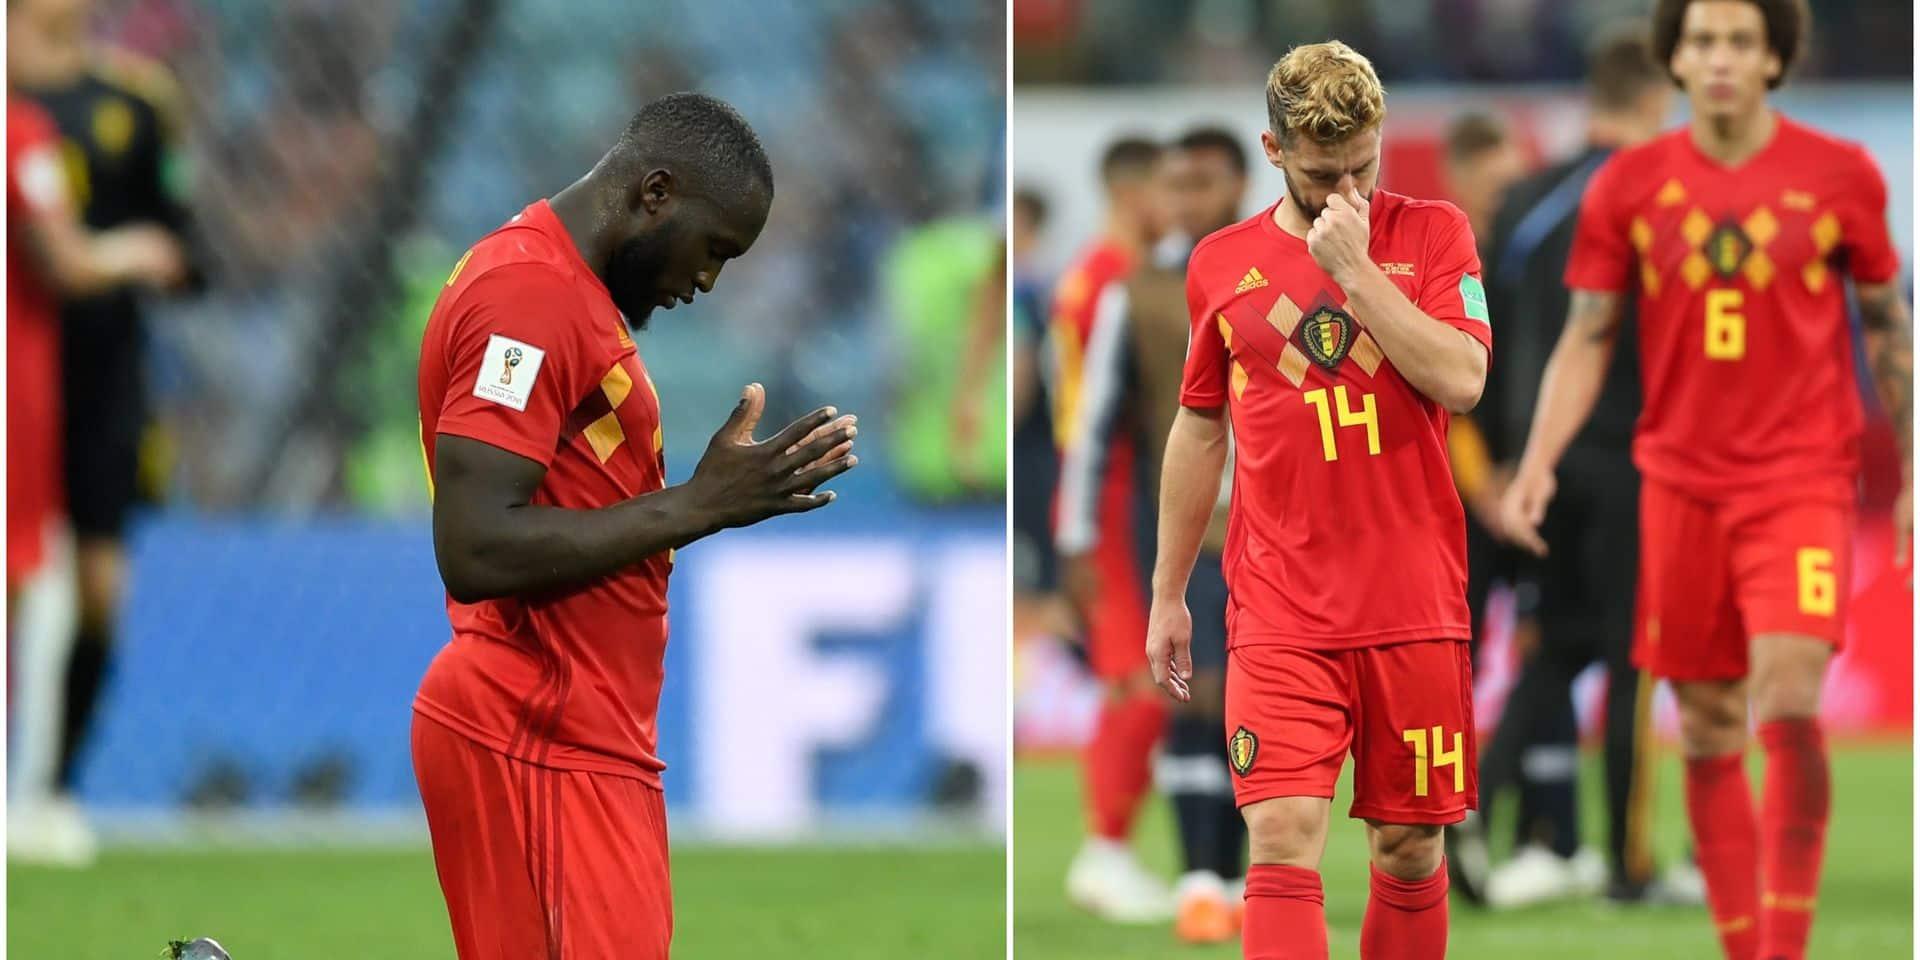 Trois Belges parmi les 30 joueurs nommés pour le Ballon d'Or, Lukaku et Mertens absents de la liste